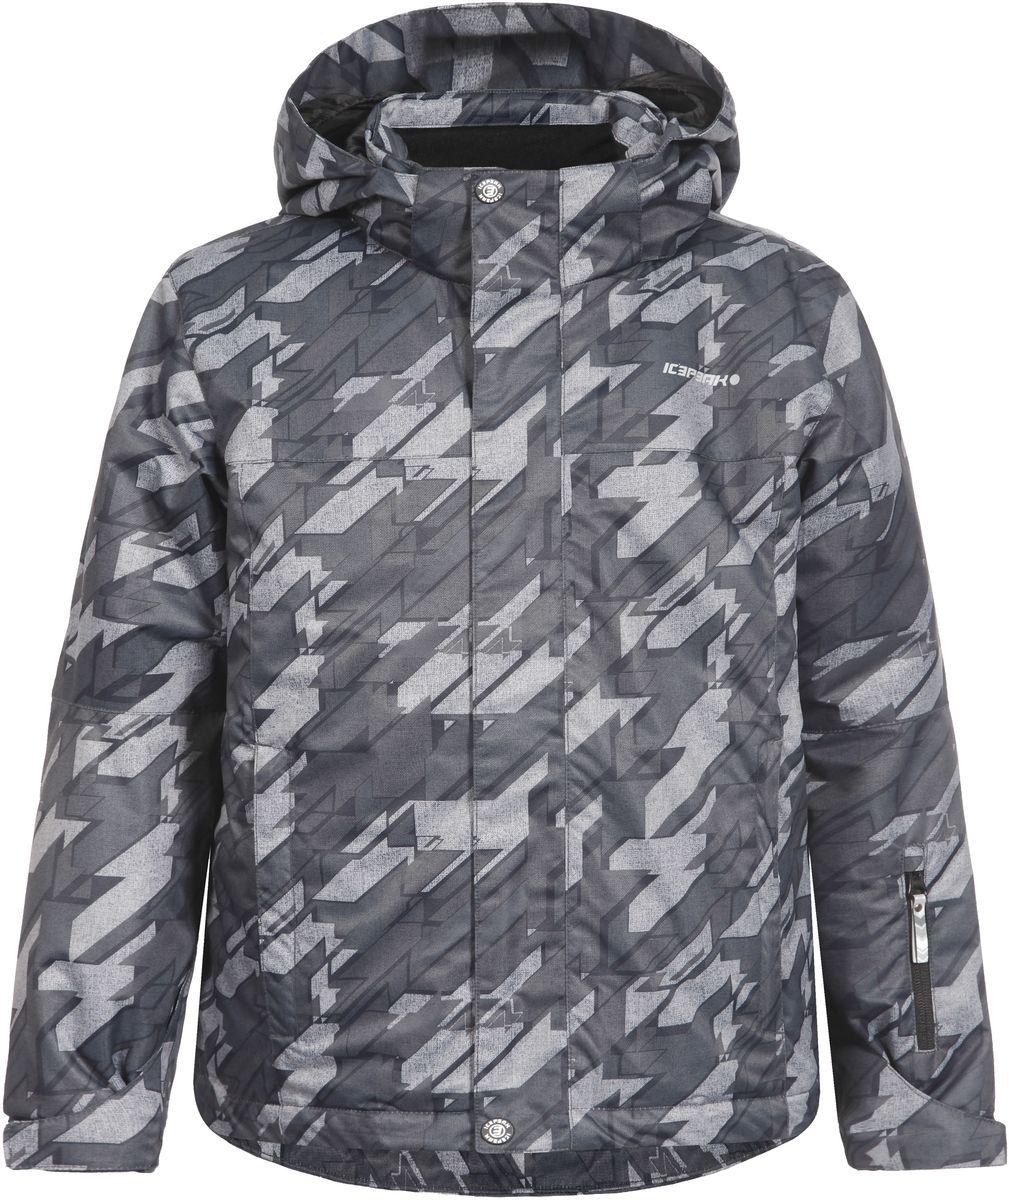 Куртка для мальчика Icepeak Herman Jr, цвет: черный, серый. 650029571IV. Размер 128650029571IV_990Куртка для мальчика Icepeak Herman Jr выполнена из 100% полиэстера. Материал изготовлен при помощи технологии Icemax, которая обеспечит вашему ребенку надежную защиту от ветра и влаги. В качестве подкладки также используется полиэстер. Утеплителем служит материал FinnWad, который обладает высокими теплоизоляционными свойствами. Модель с воротником-стойкой и съемным капюшоном застегивается на застежку-молнию с защитой для подбородка и имеет ветрозащитную планку на липучках и кнопках. Капюшон пристегивается к изделию на кнопки. Низ рукавов дополнен эластичными вставками и хлястиками на липучках, а низ изделия - несъемной манжетой с прорезиненным нижним краем. Спереди расположены два прорезных кармана на застежках-молниях, а с внутренней стороны - накладной карман-сетка и прорезной карман на застежке-молнии. На левом рукаве расположен небольшой прорезной карман на застежке-молнии. Куртка оснащена специальными деталями Childrens safety для дополнительной безопасности ребенка во время занятий спортом и активного отдыха на улице.